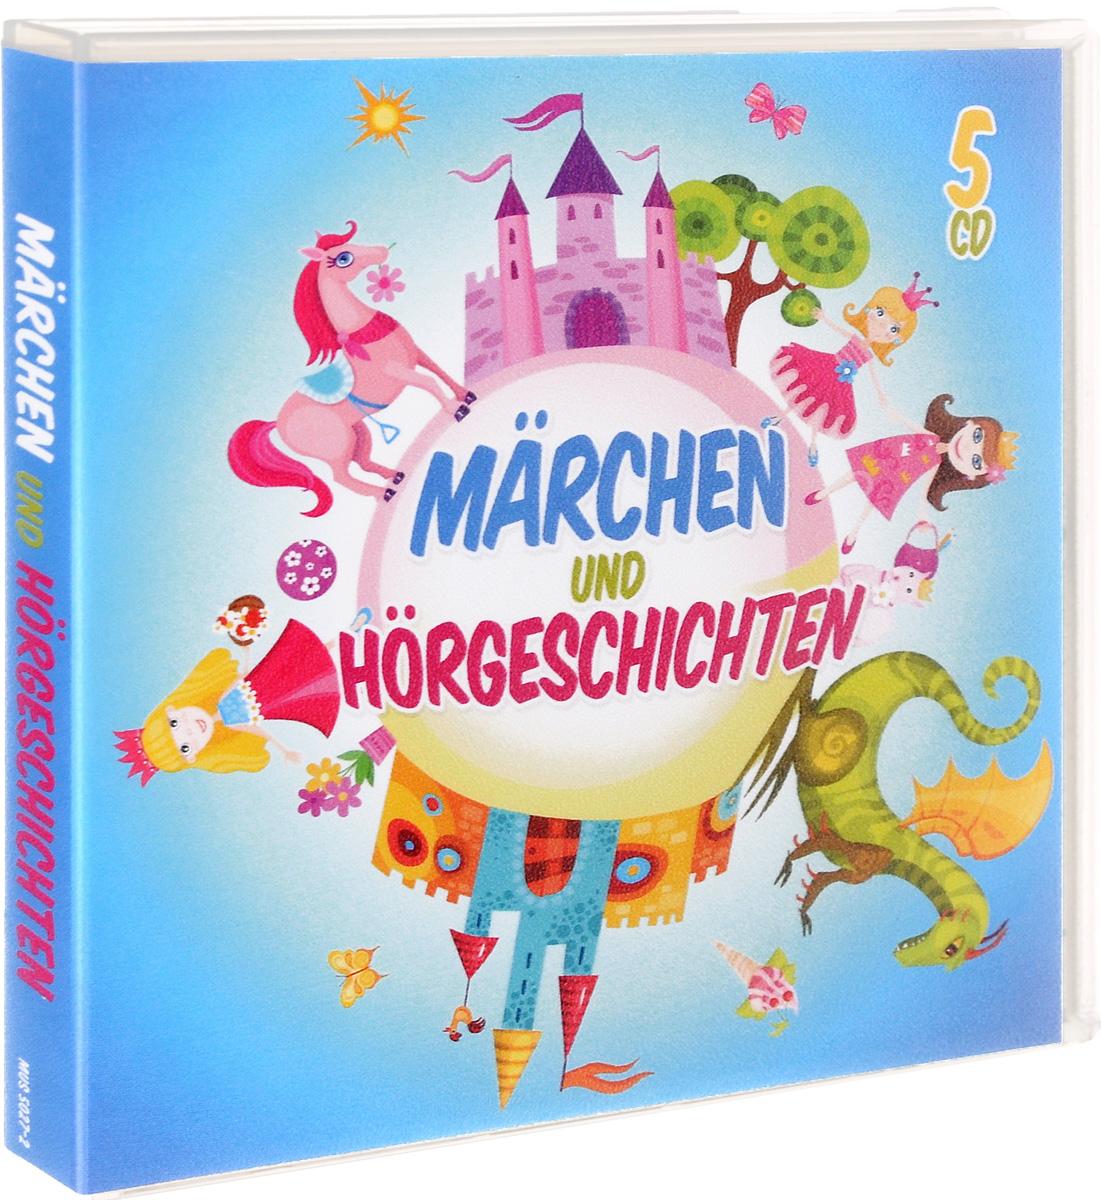 Marchen Und Horgeschichten (5 CD)